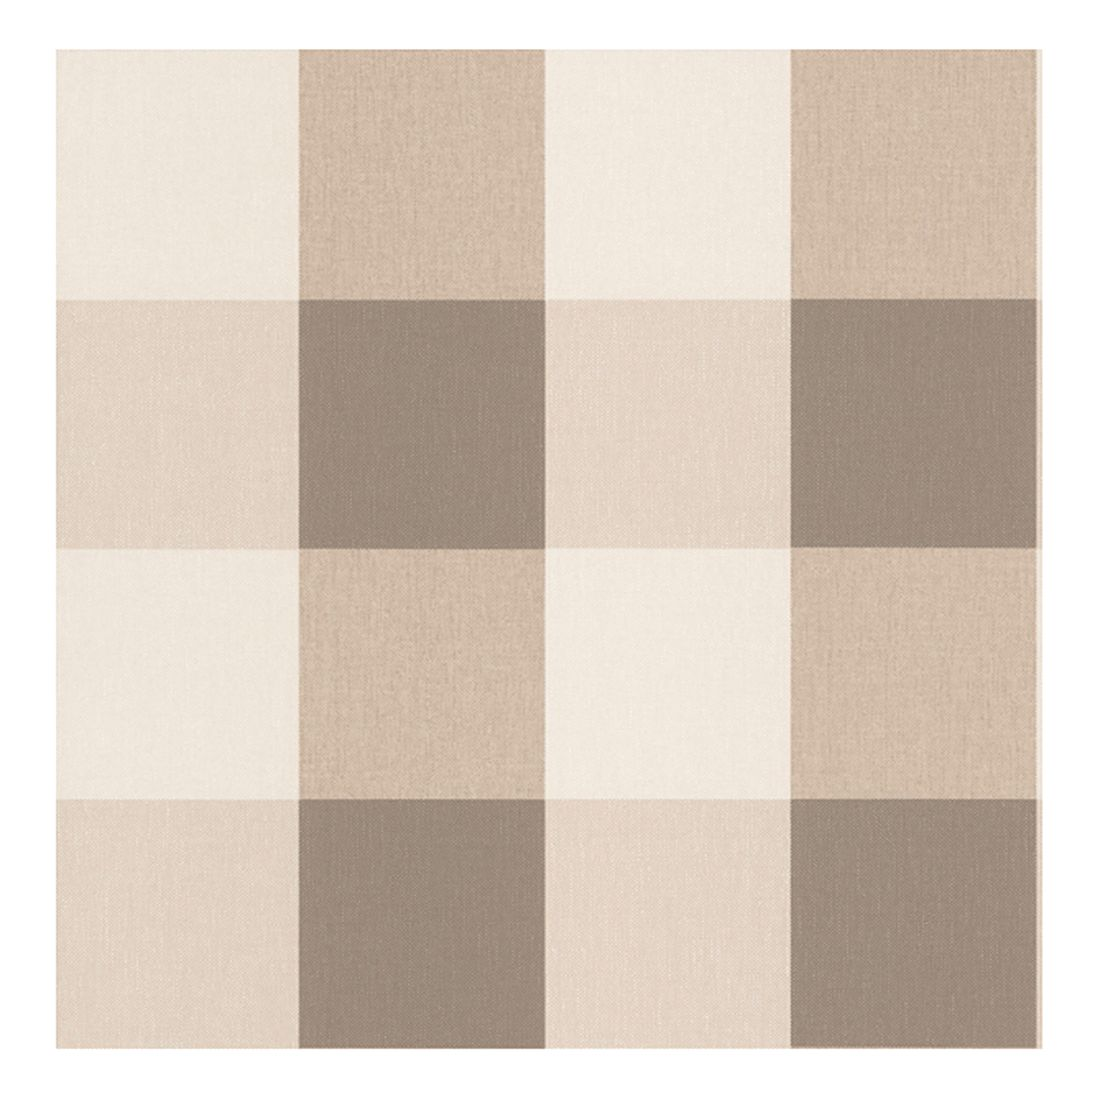 Vliestapete Elegance – beige, creme – fein strukturiert, Home24Deko günstig online kaufen